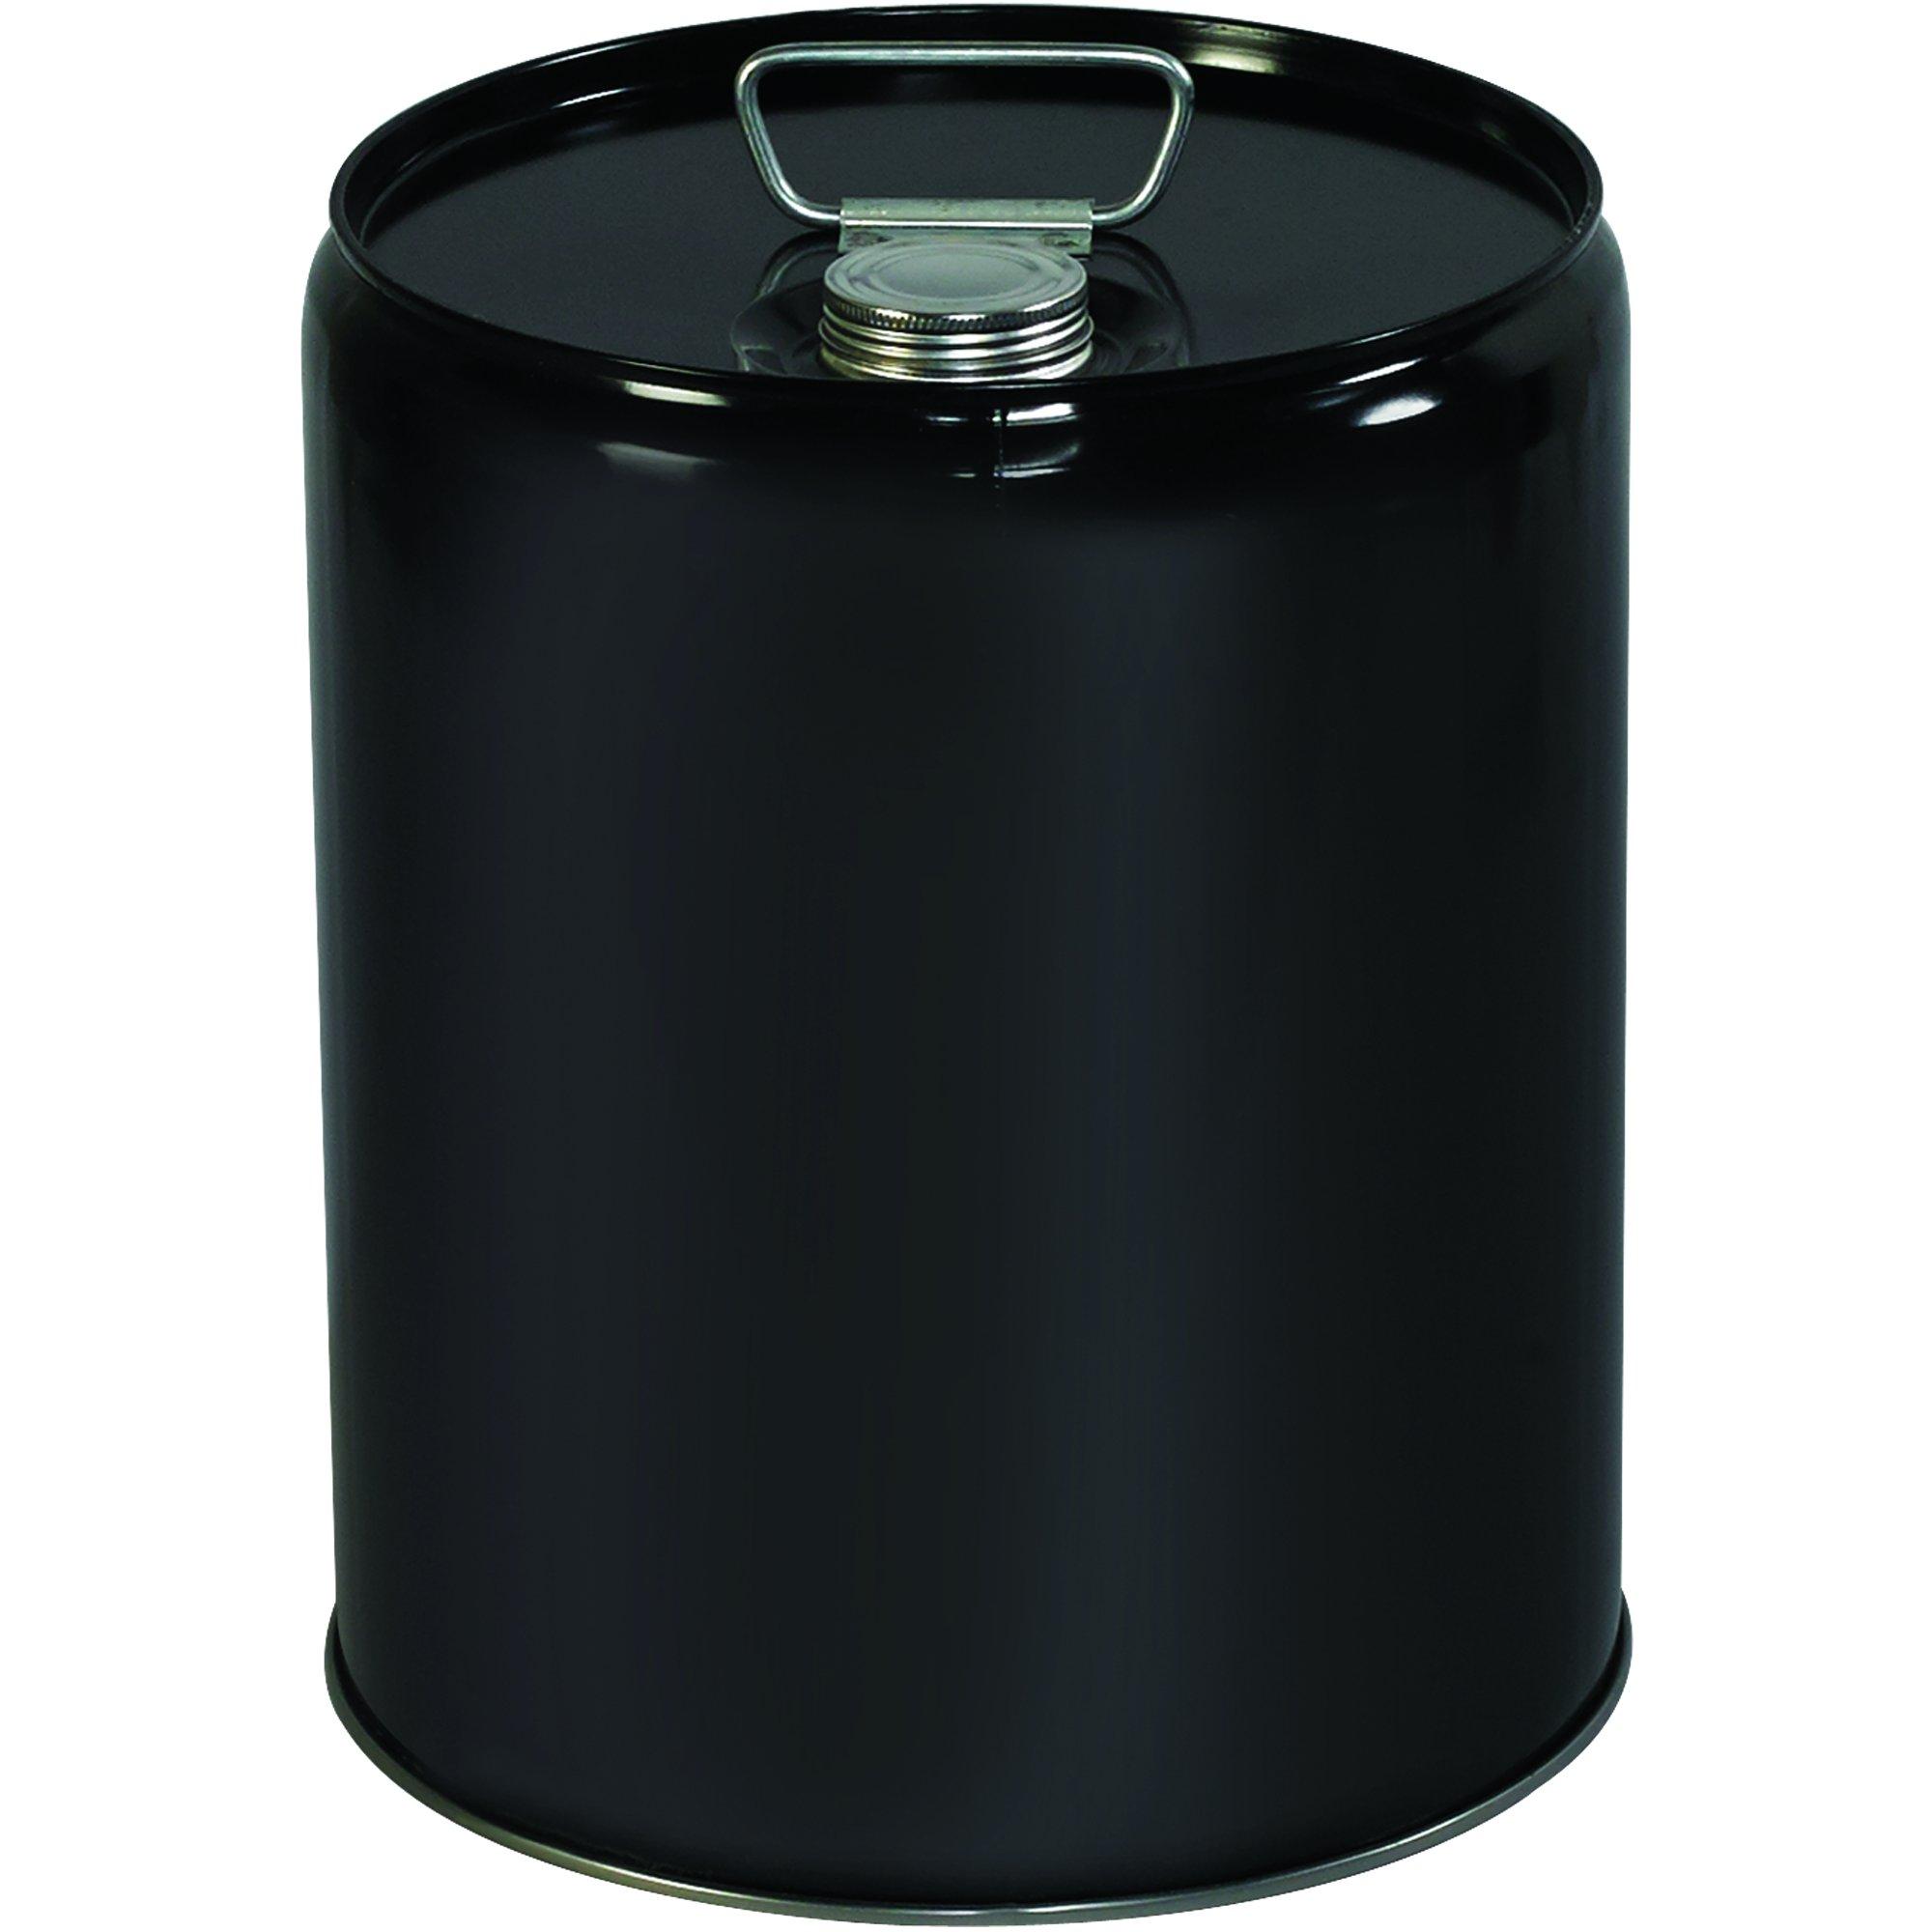 BOX USA BHAZ1077 Metal Pail, Closed Head, 5 Gallon, Black (Pack of 1 Each)